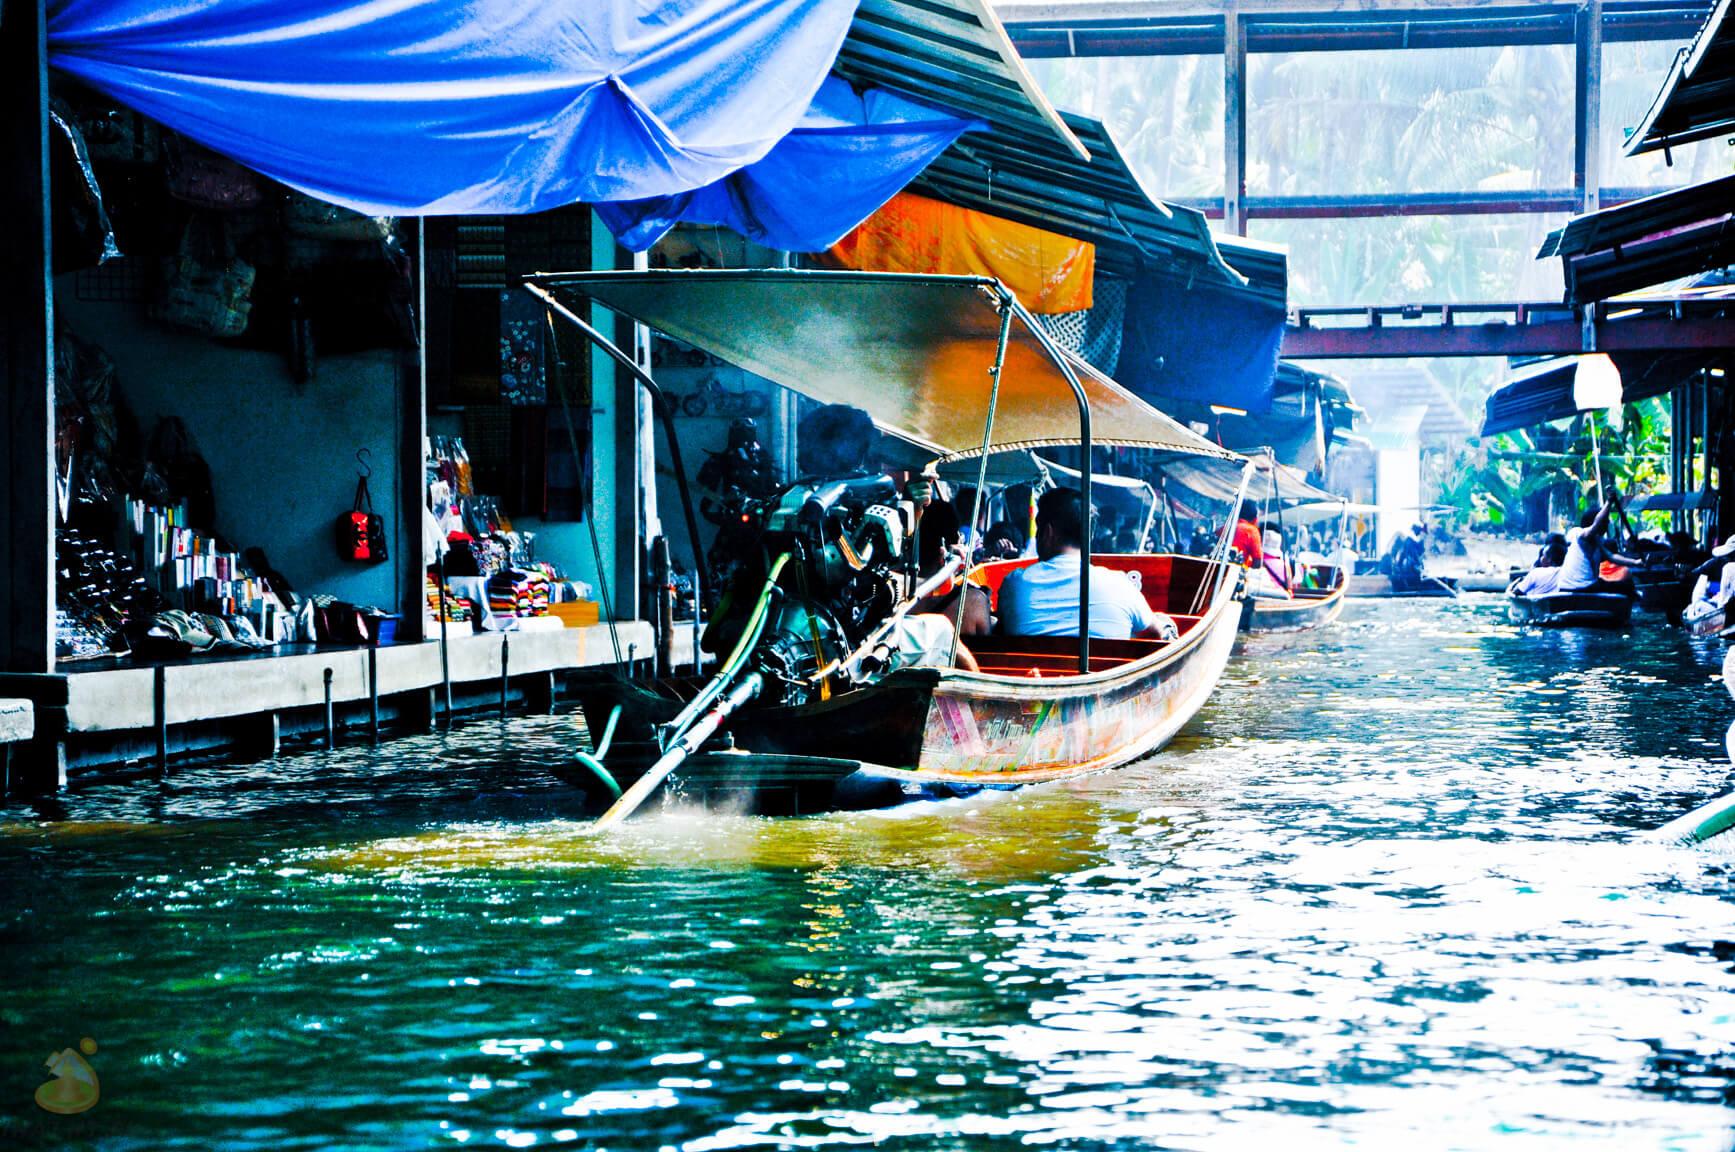 На лодке через рынок (Квай)